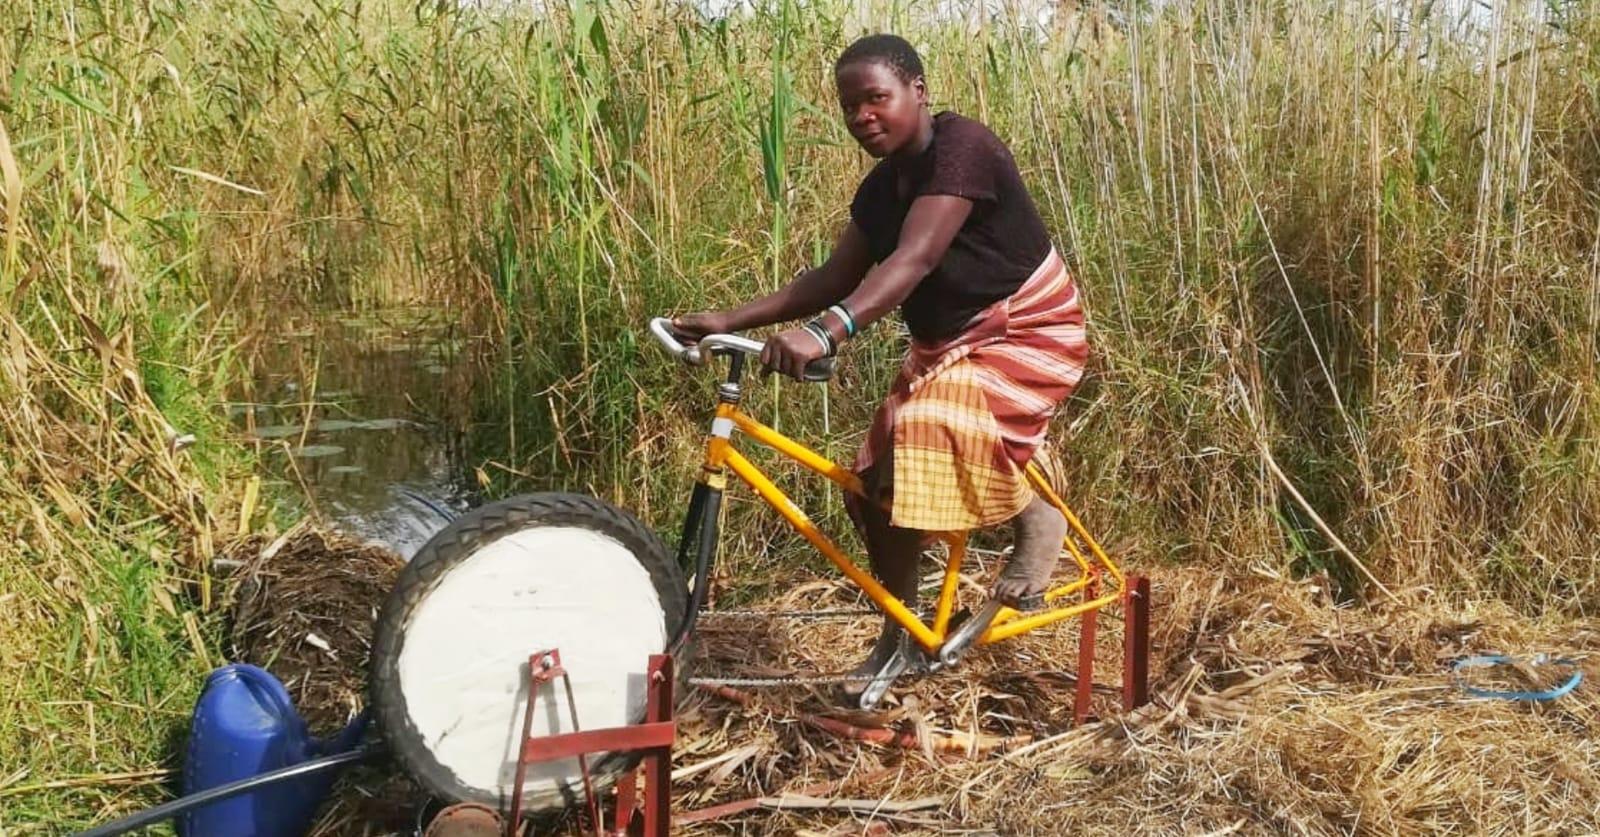 Fina Joao, una de nuestras mujeres agricultoras, prueba su bici-bomba